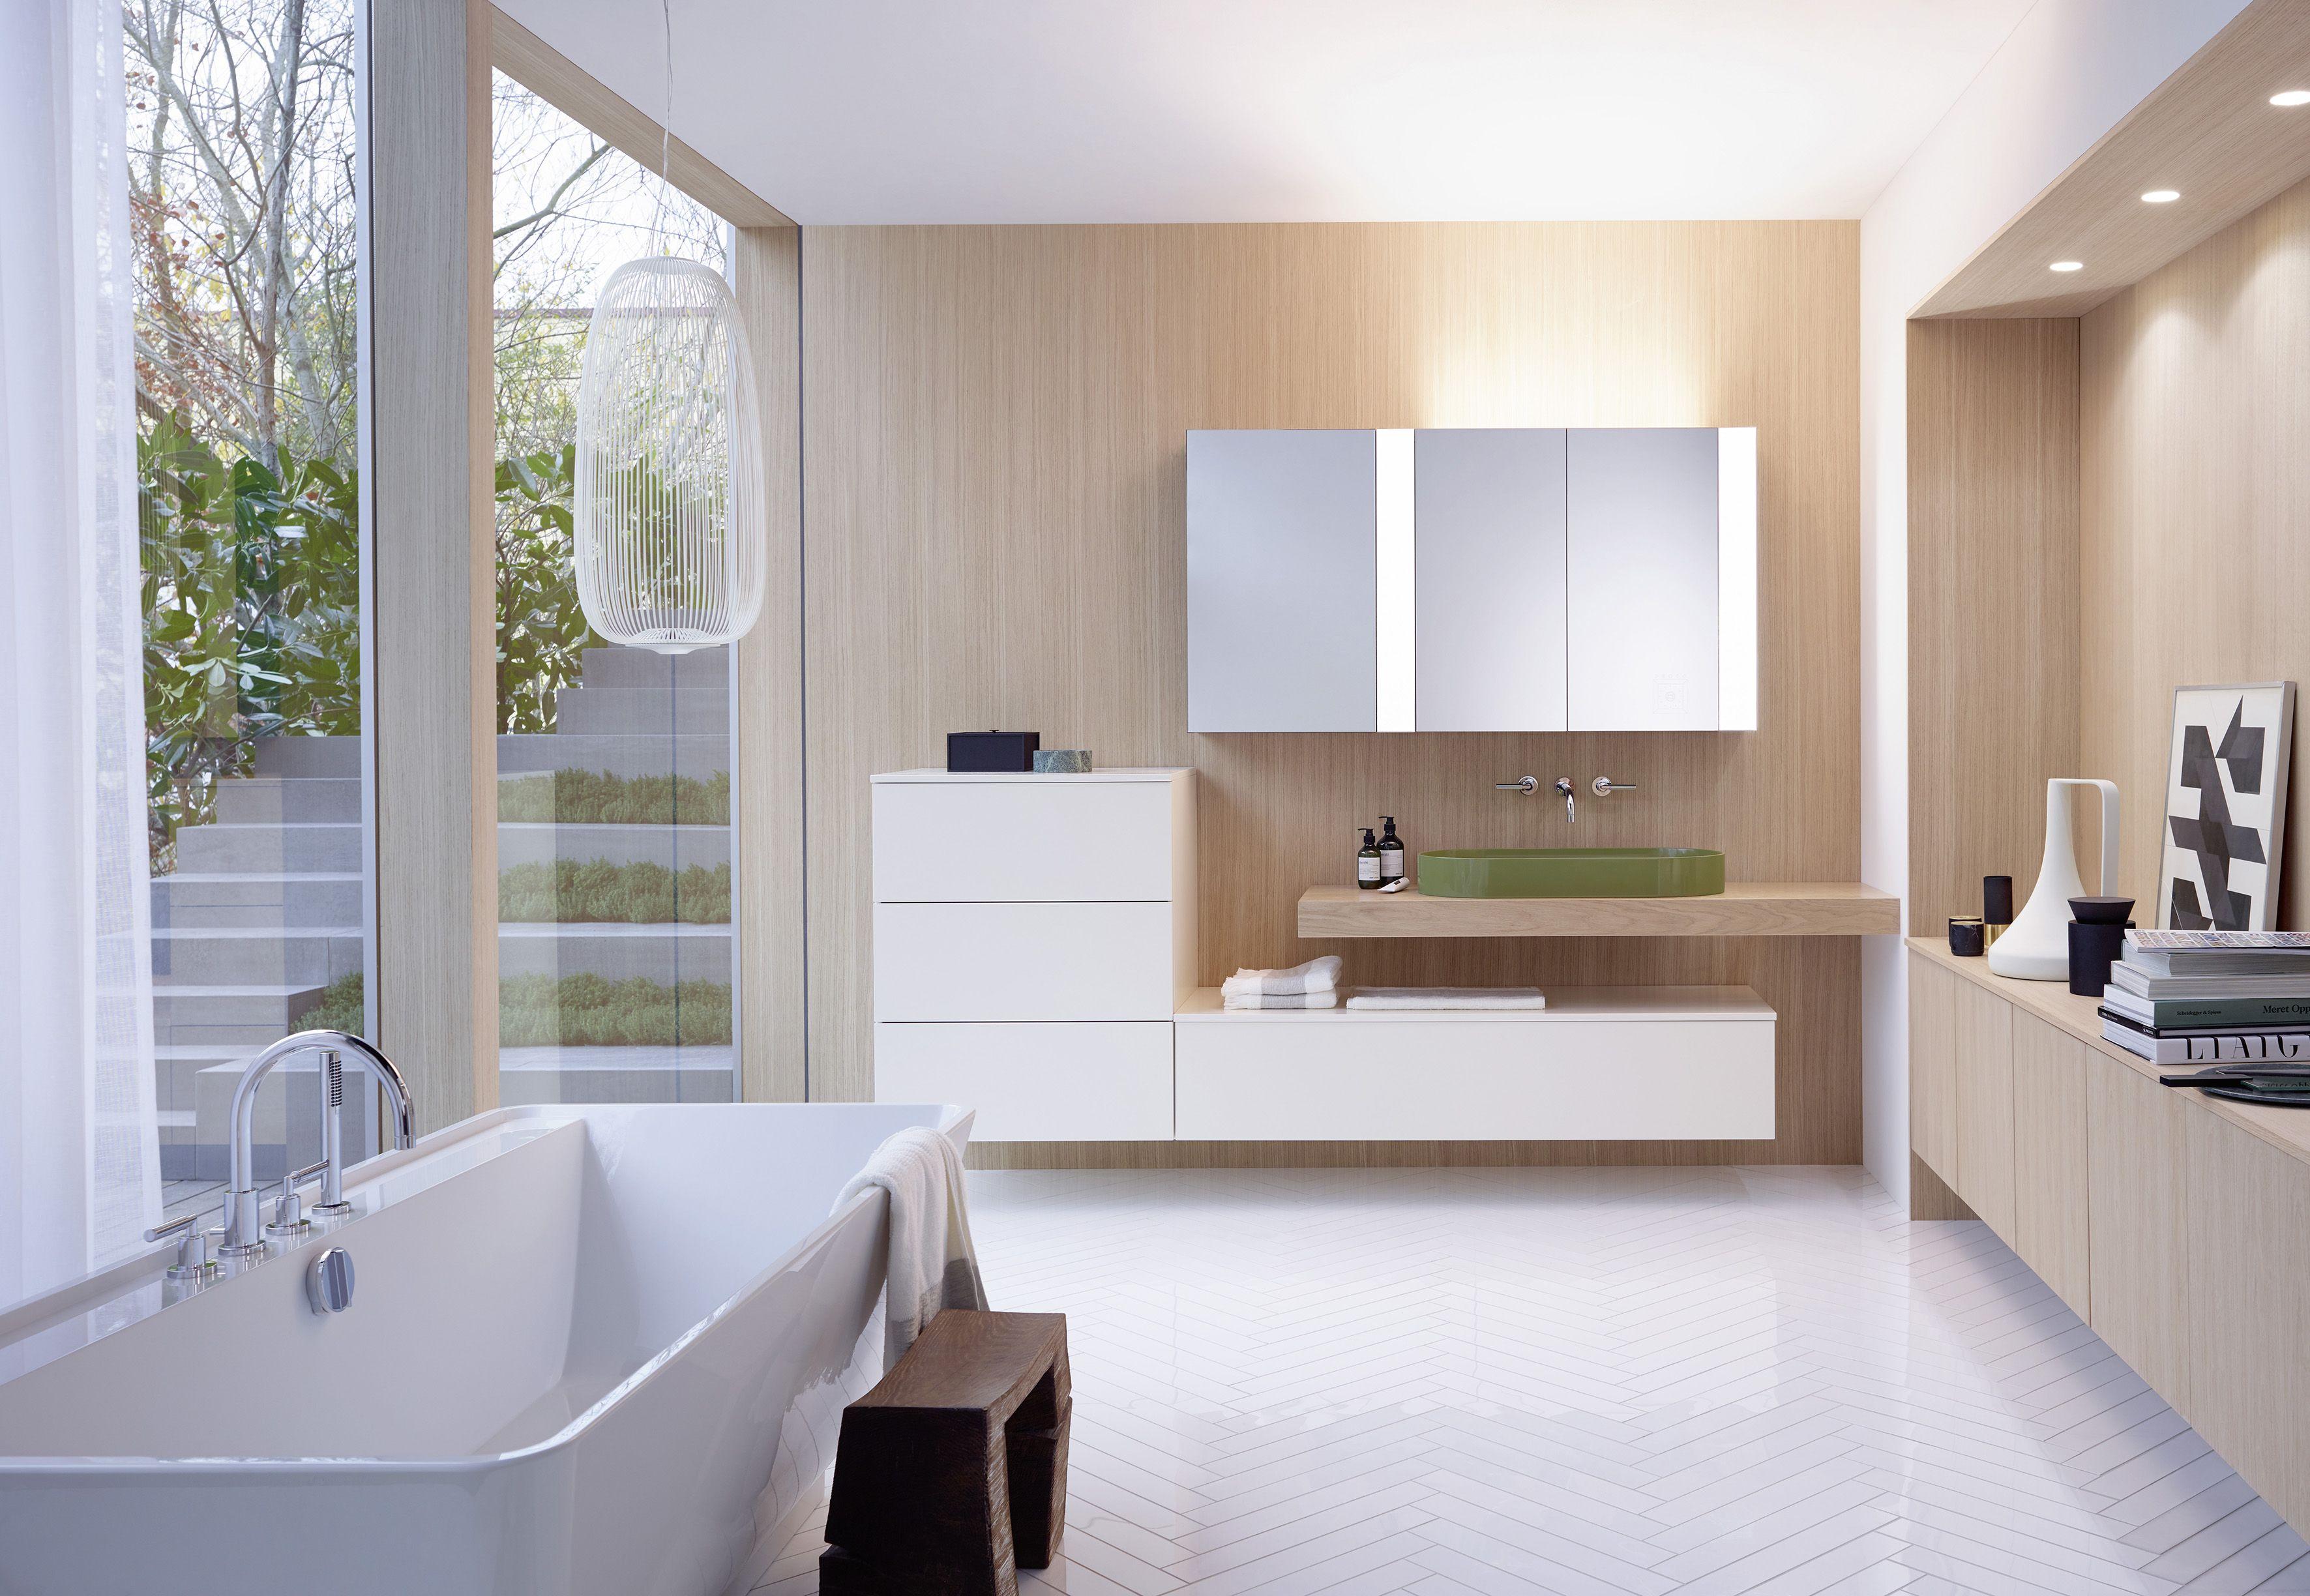 Licht im Bad: So sorgt der Spiegelschrank für Entspannung oder